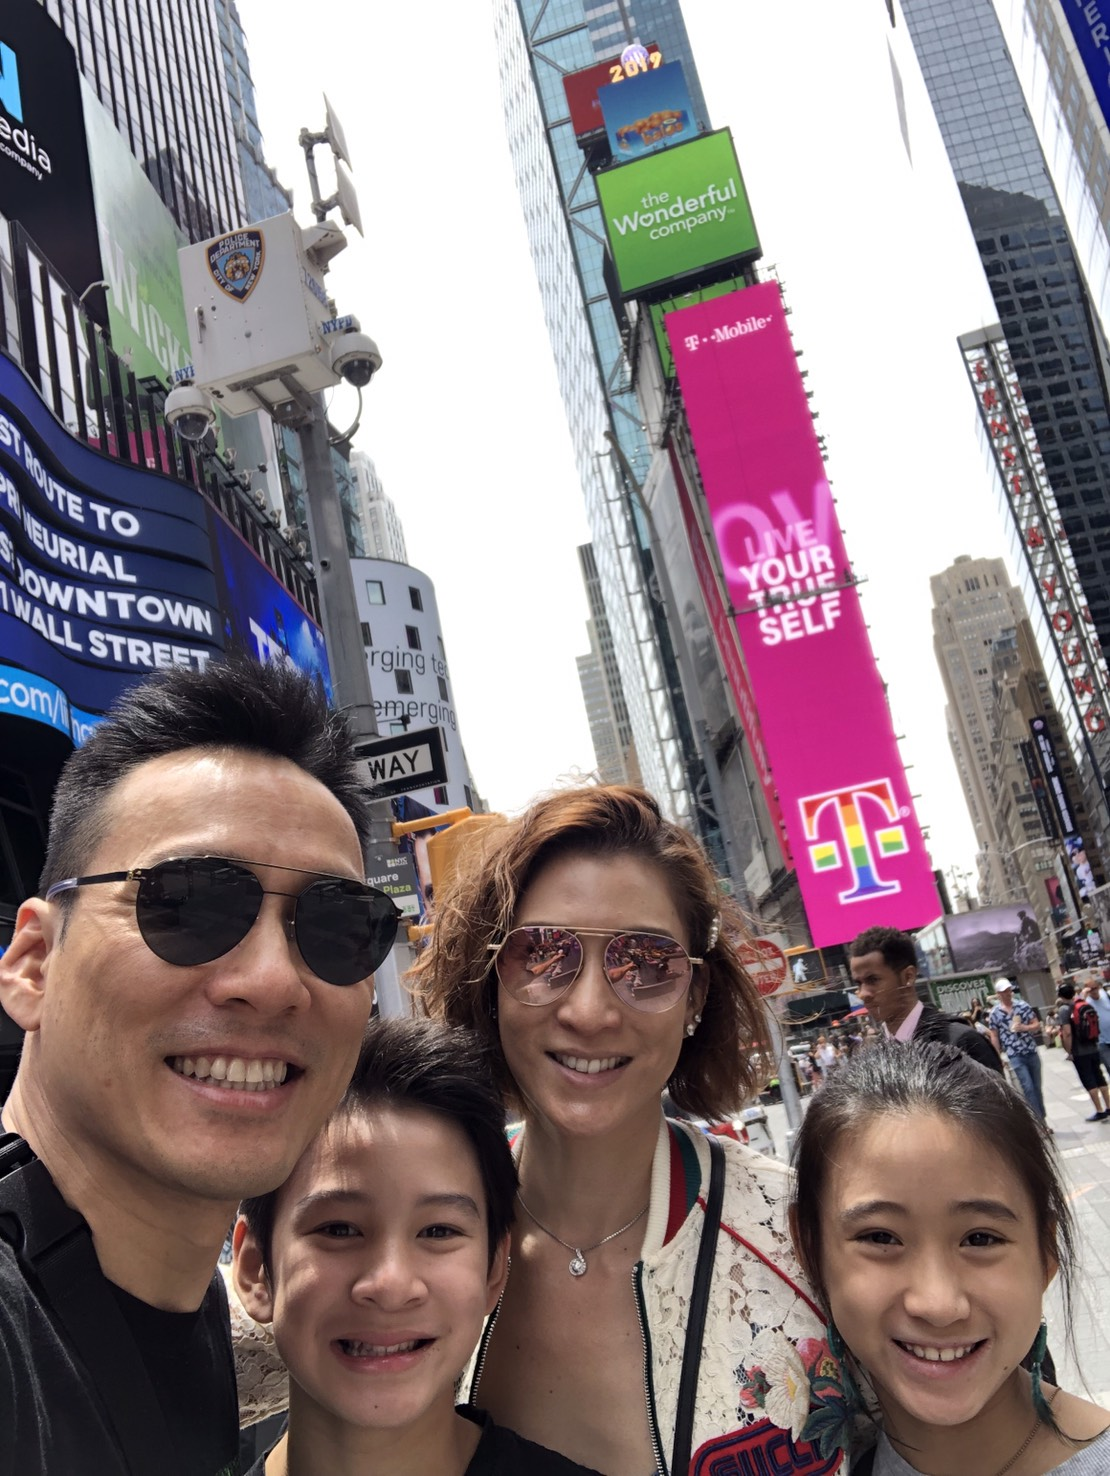 ▲艾力克斯的兒子Ryder和女兒Makayla對於紐約這個城市感到很新鮮。